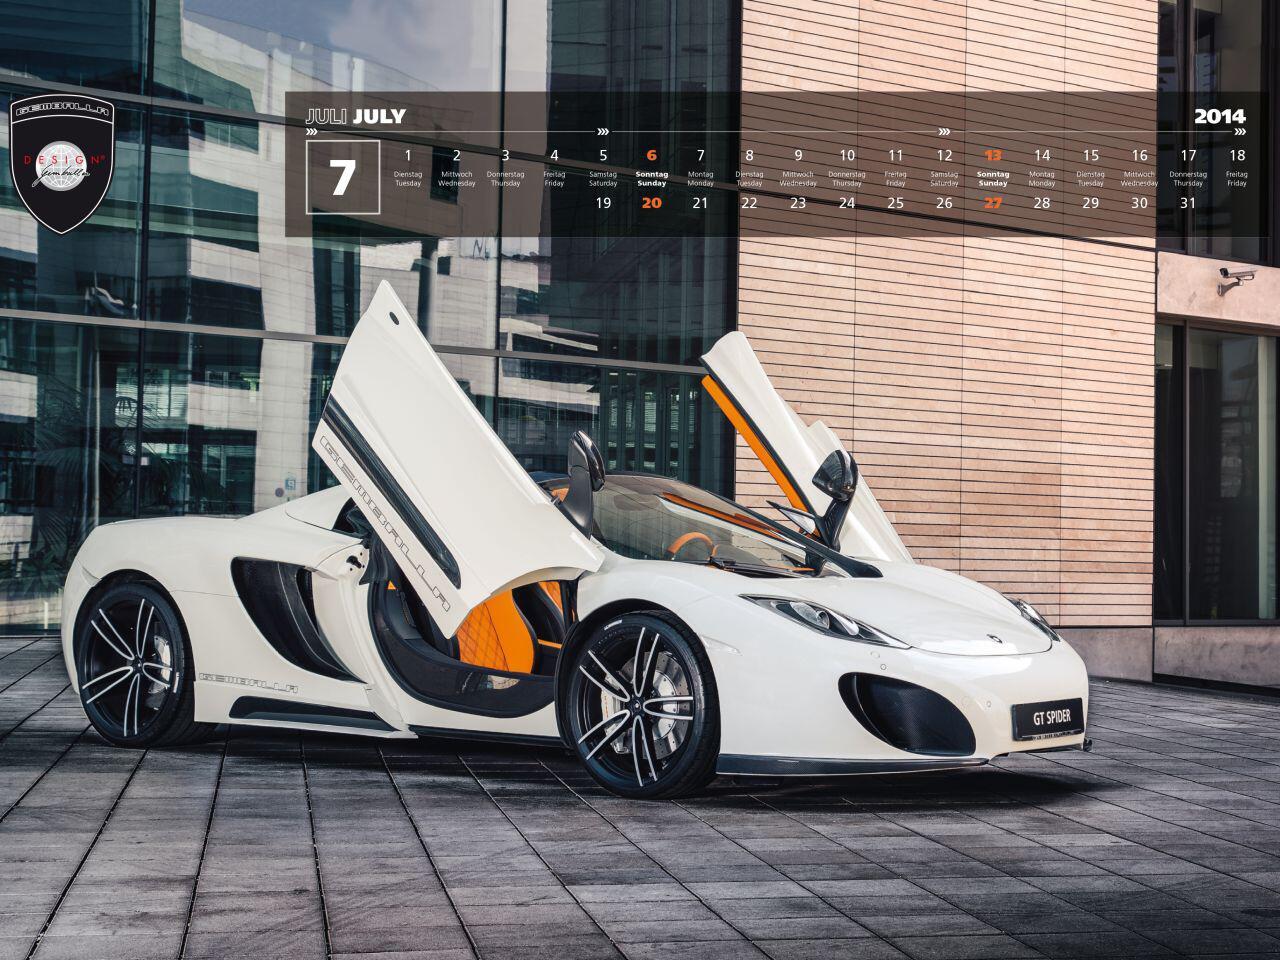 Bild zu Gembella Kalender 2014: Perfekte Porsche-Motive verpackt in einem Kalender